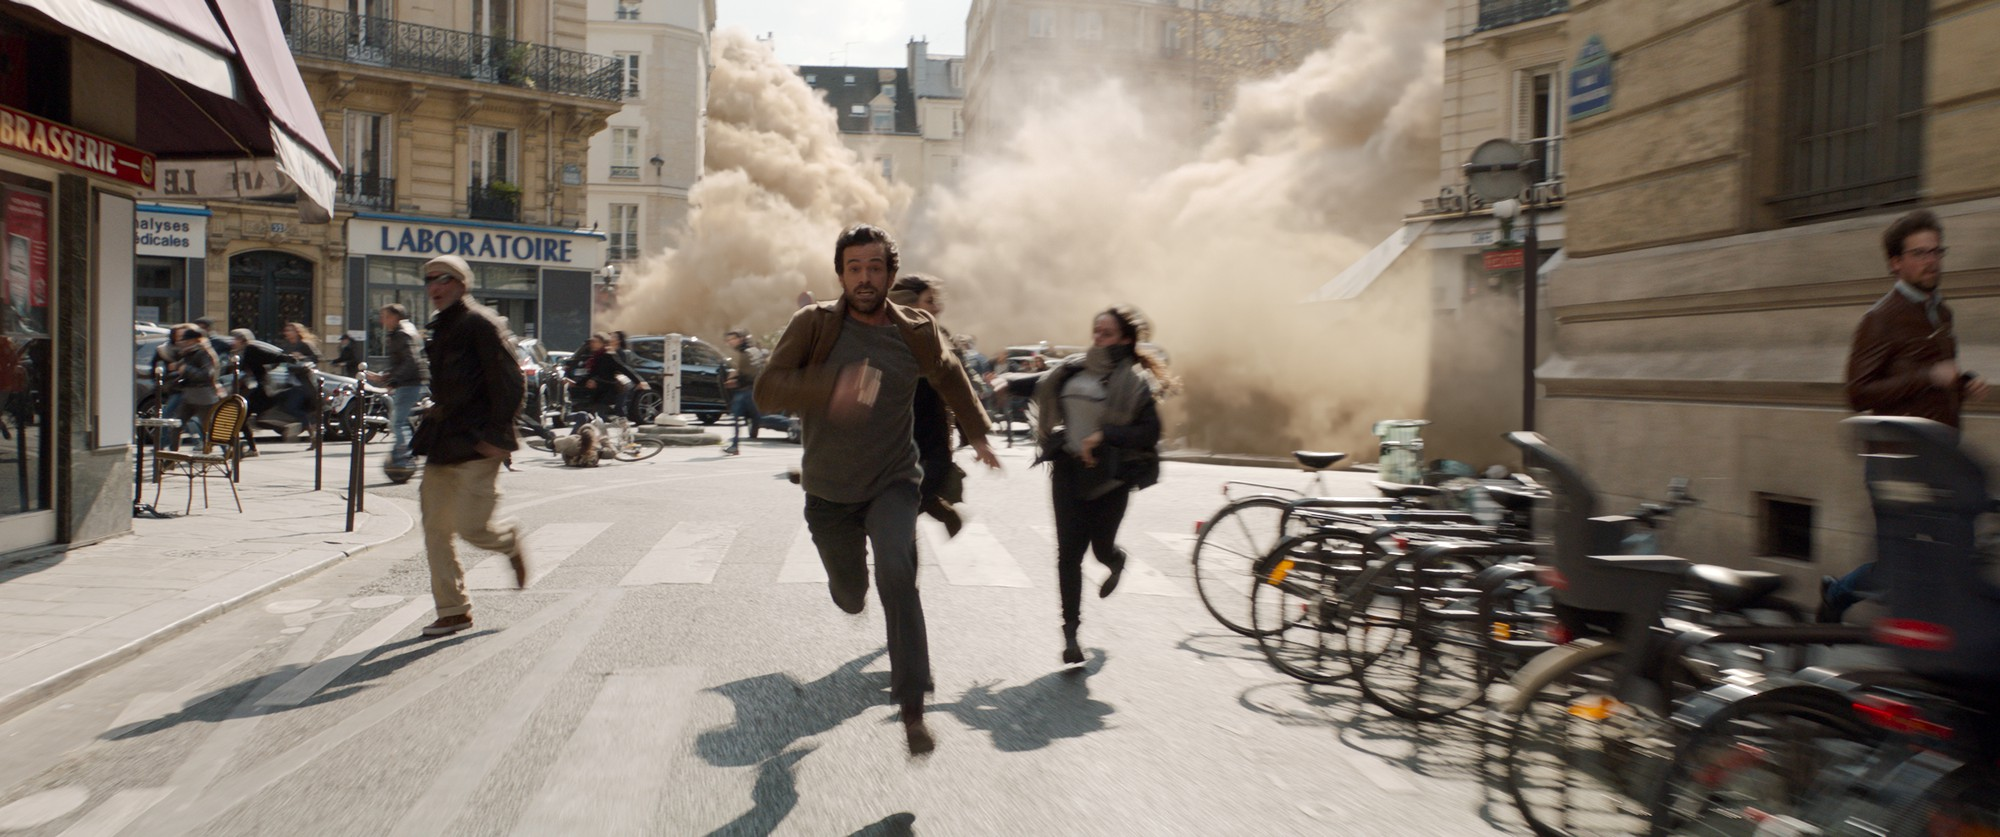 Kinh đô Paris hoa lệ bỗng chết sặc trong thảm họa của Màn Sương Chết - Ảnh 3.